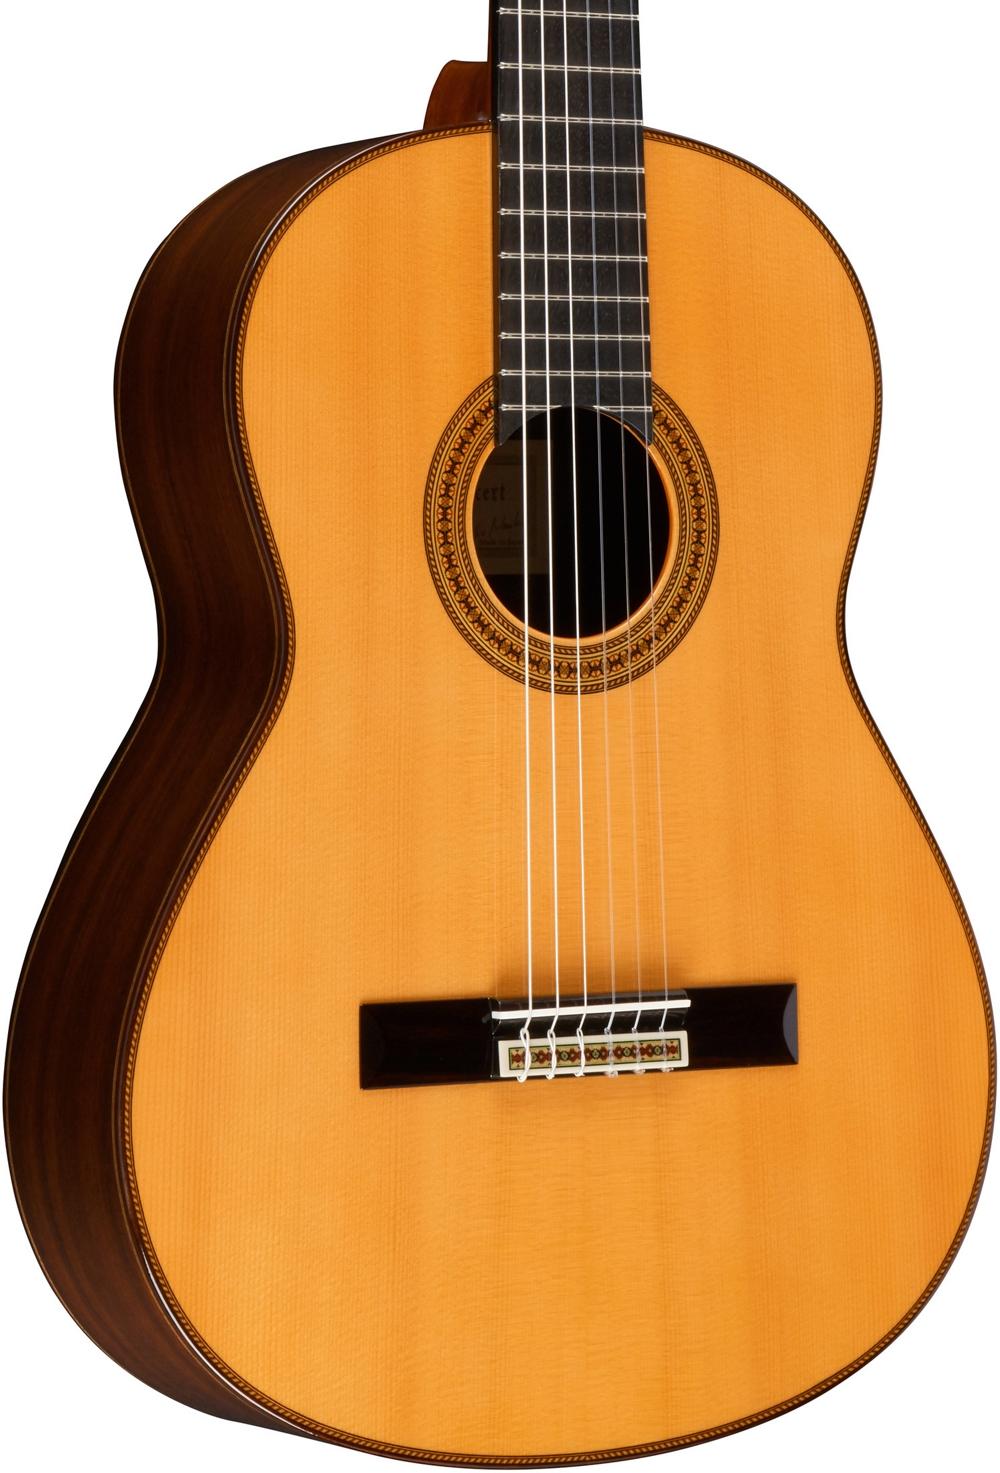 Yamaha Guitars Kansas City